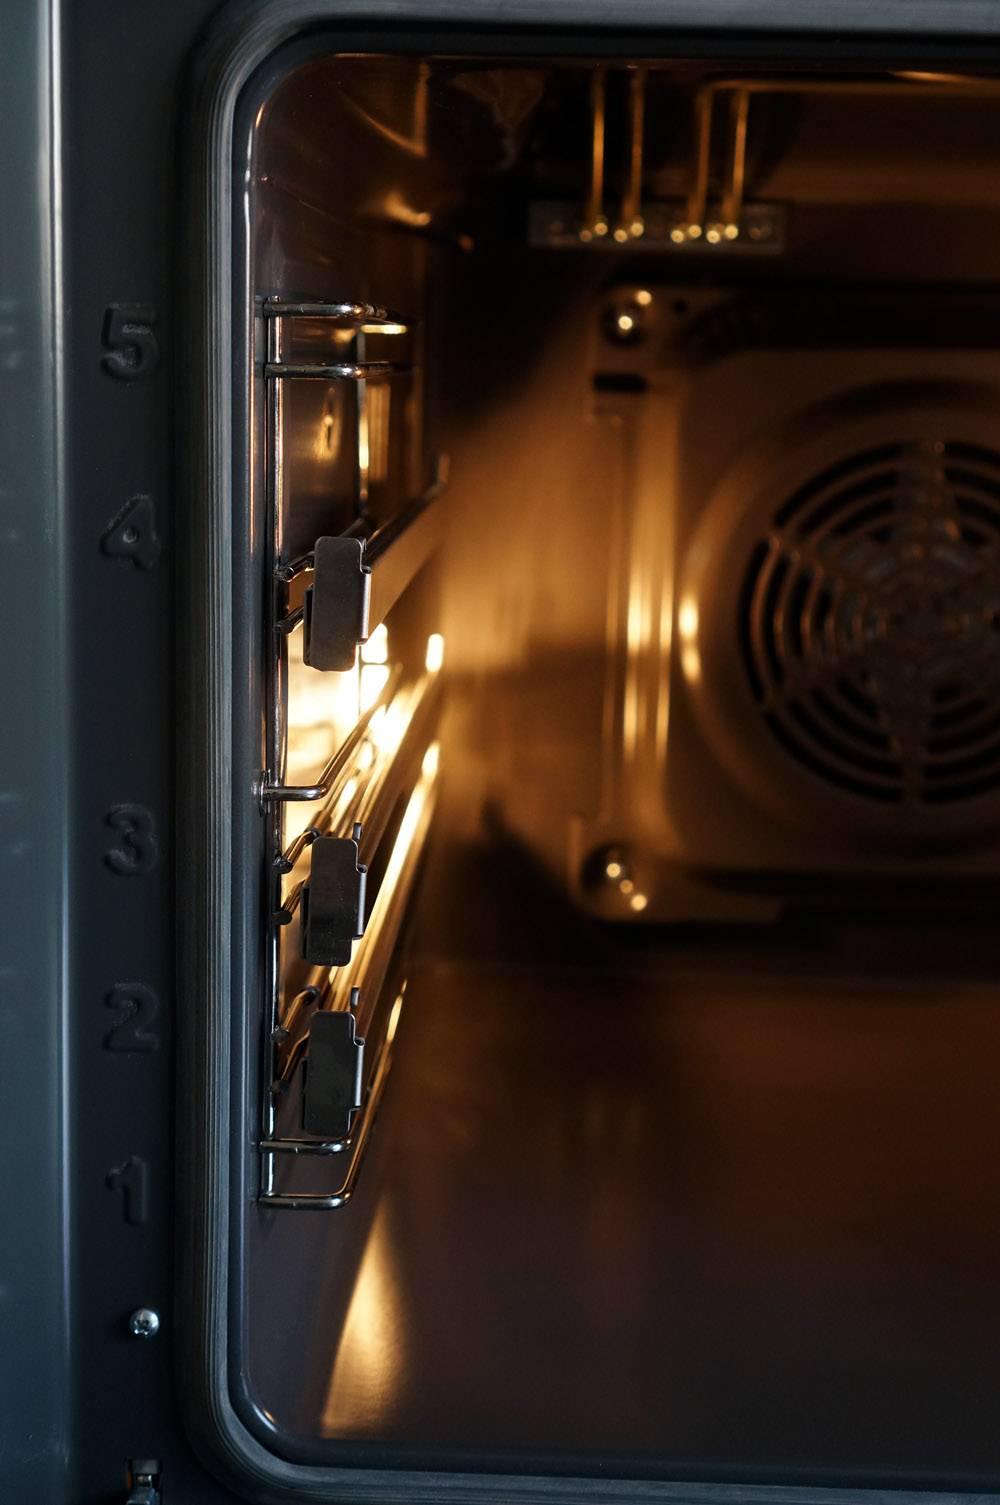 Обзор духового шкафа Hansa Titanium, фуд-блог и интернет-магазин andychef.ru